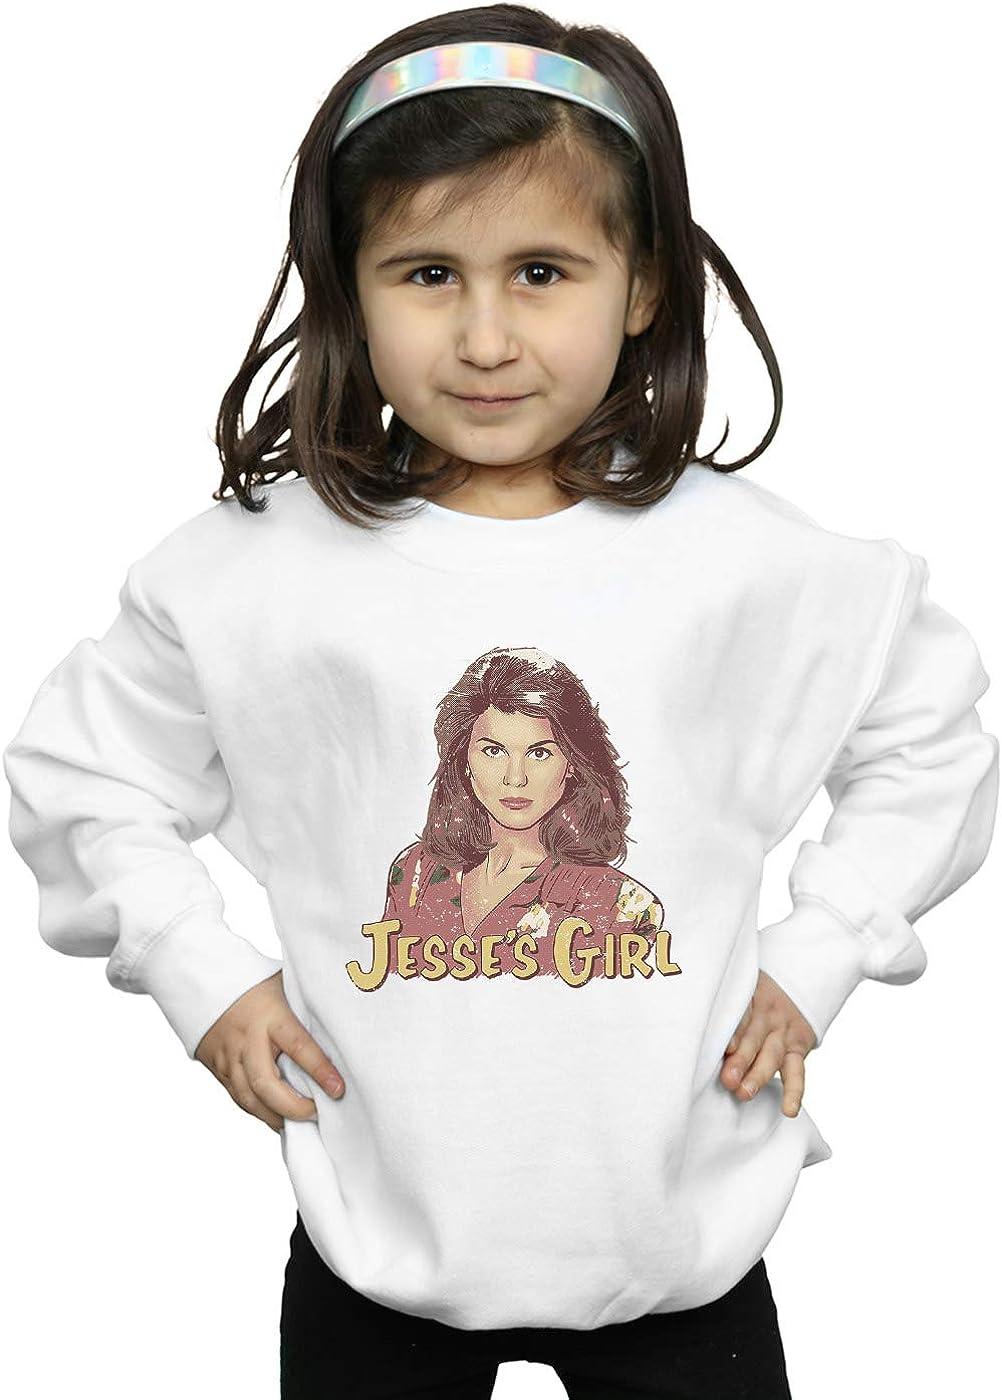 Absolute Cult Pennytees Girls Jesses Girl Sweatshirt